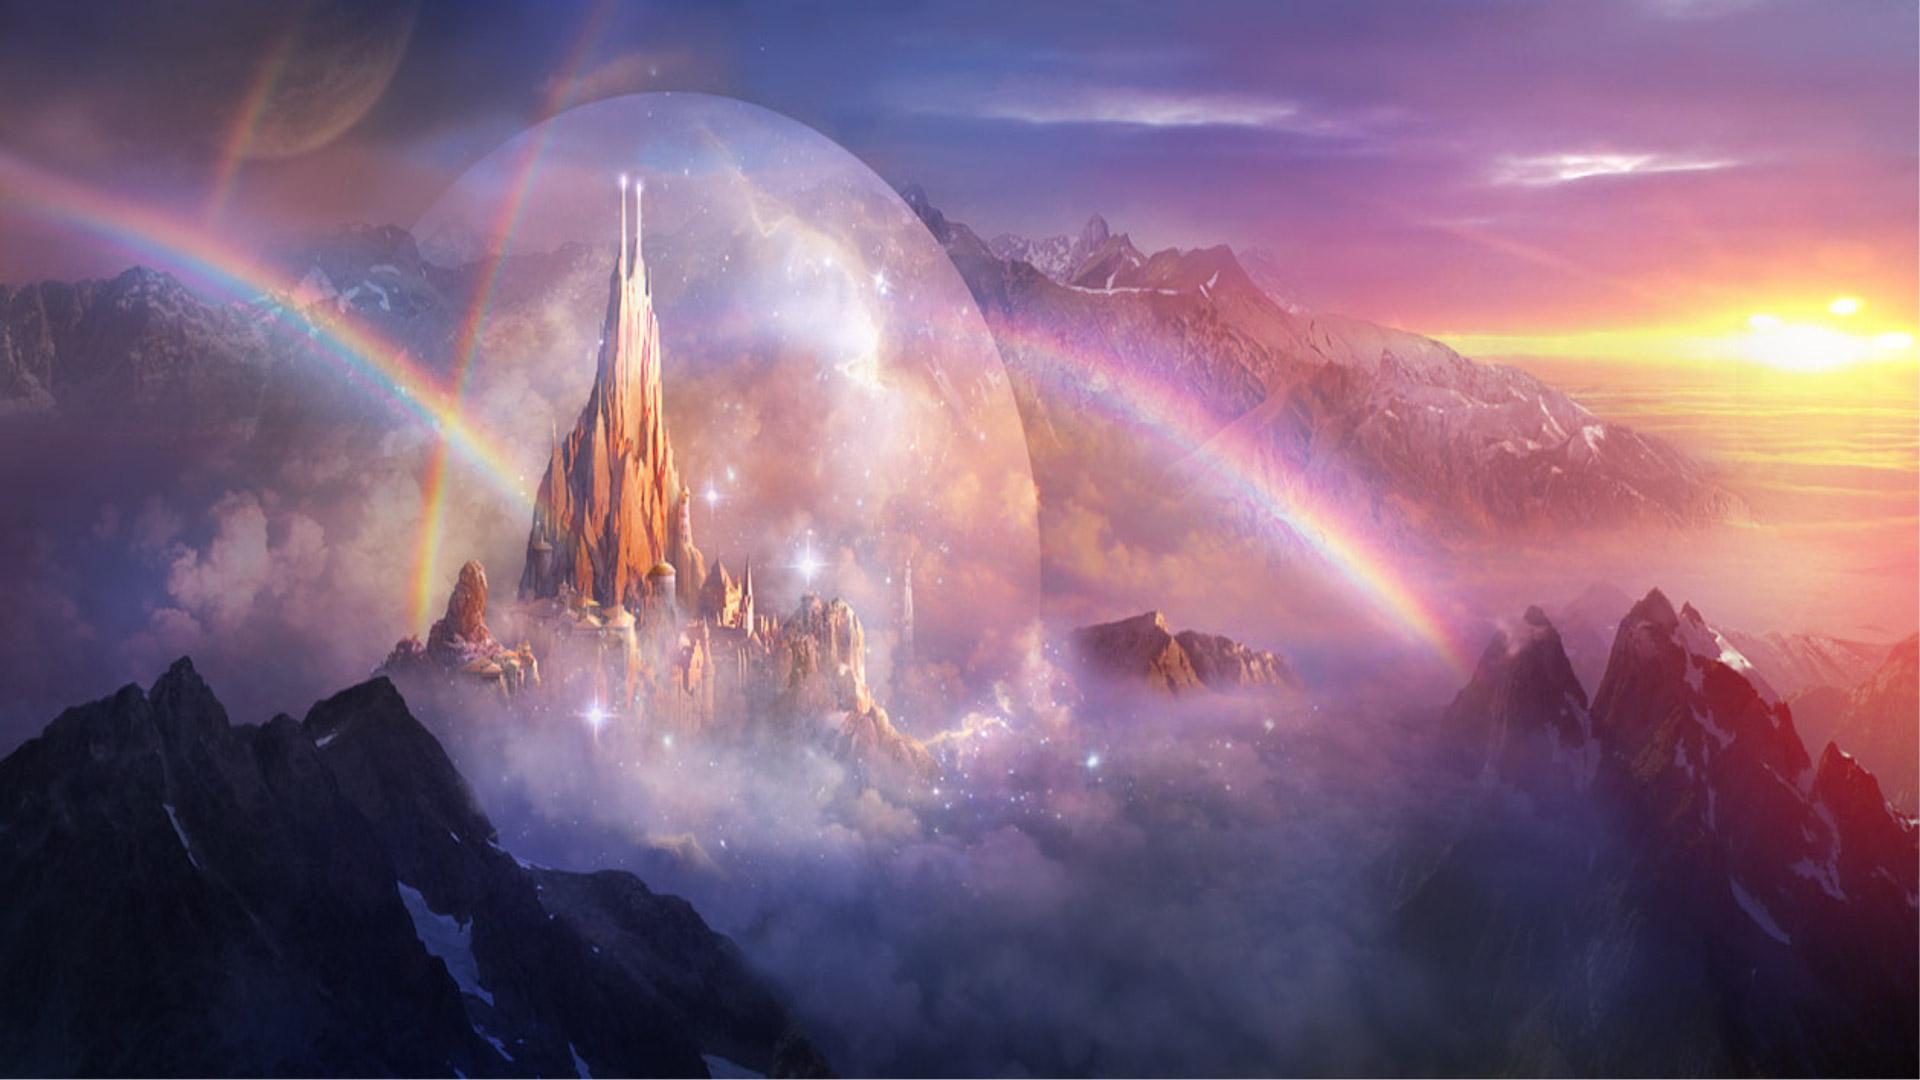 Castle Rainbow Mountain Landscape 1920x1080